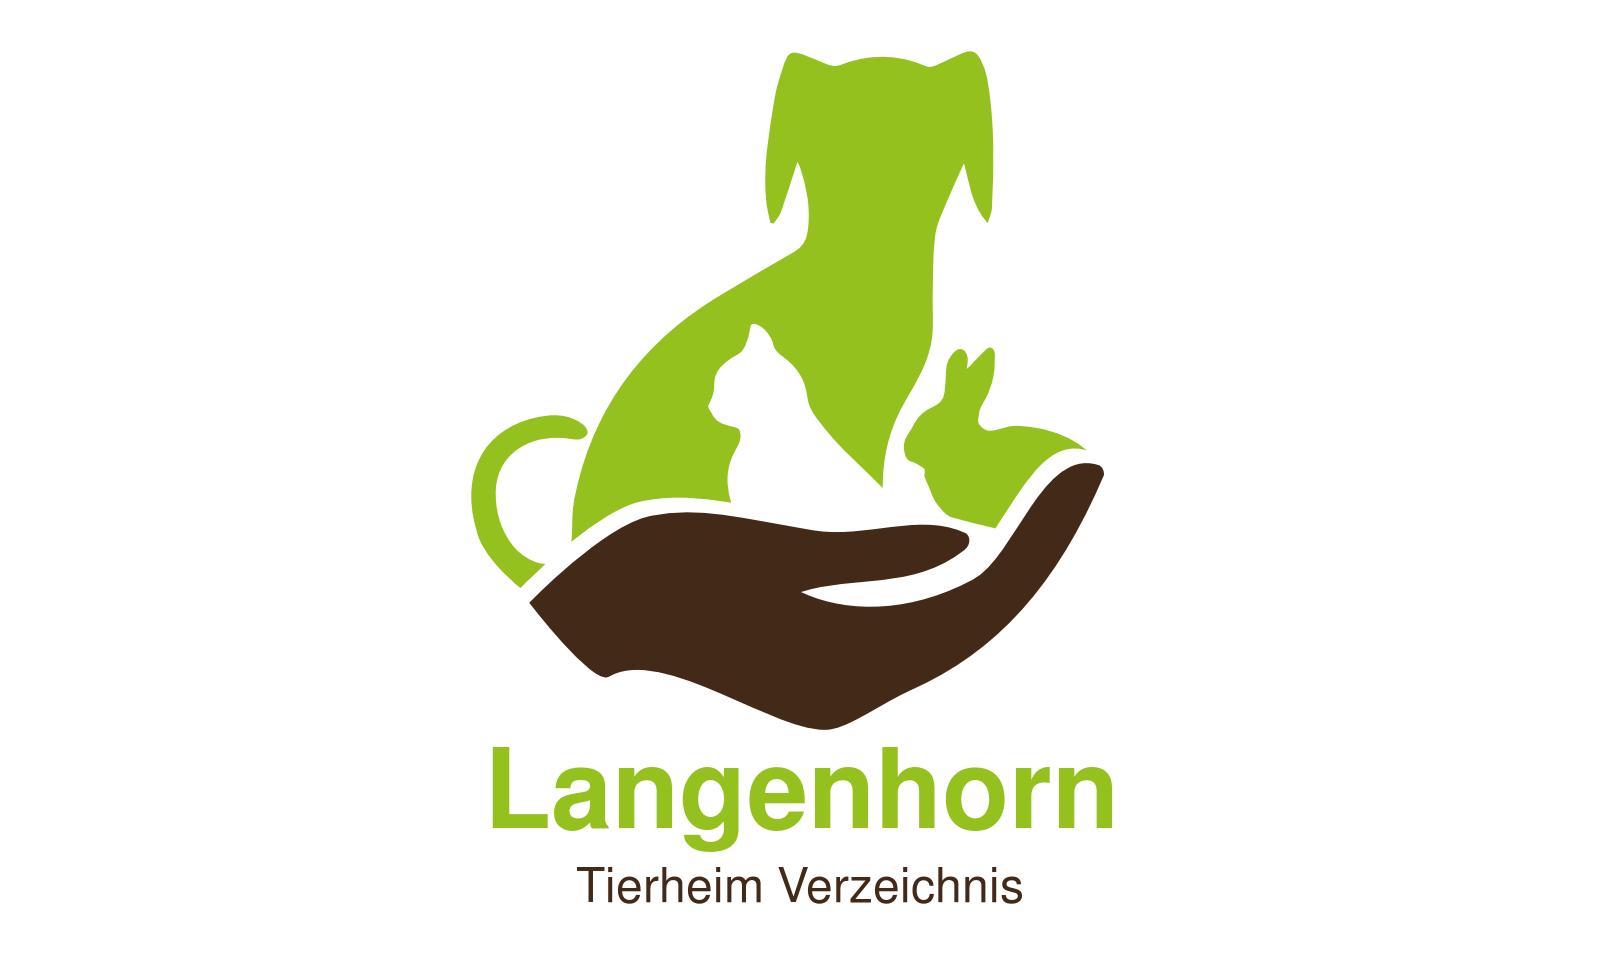 Tierheim Langenhorn